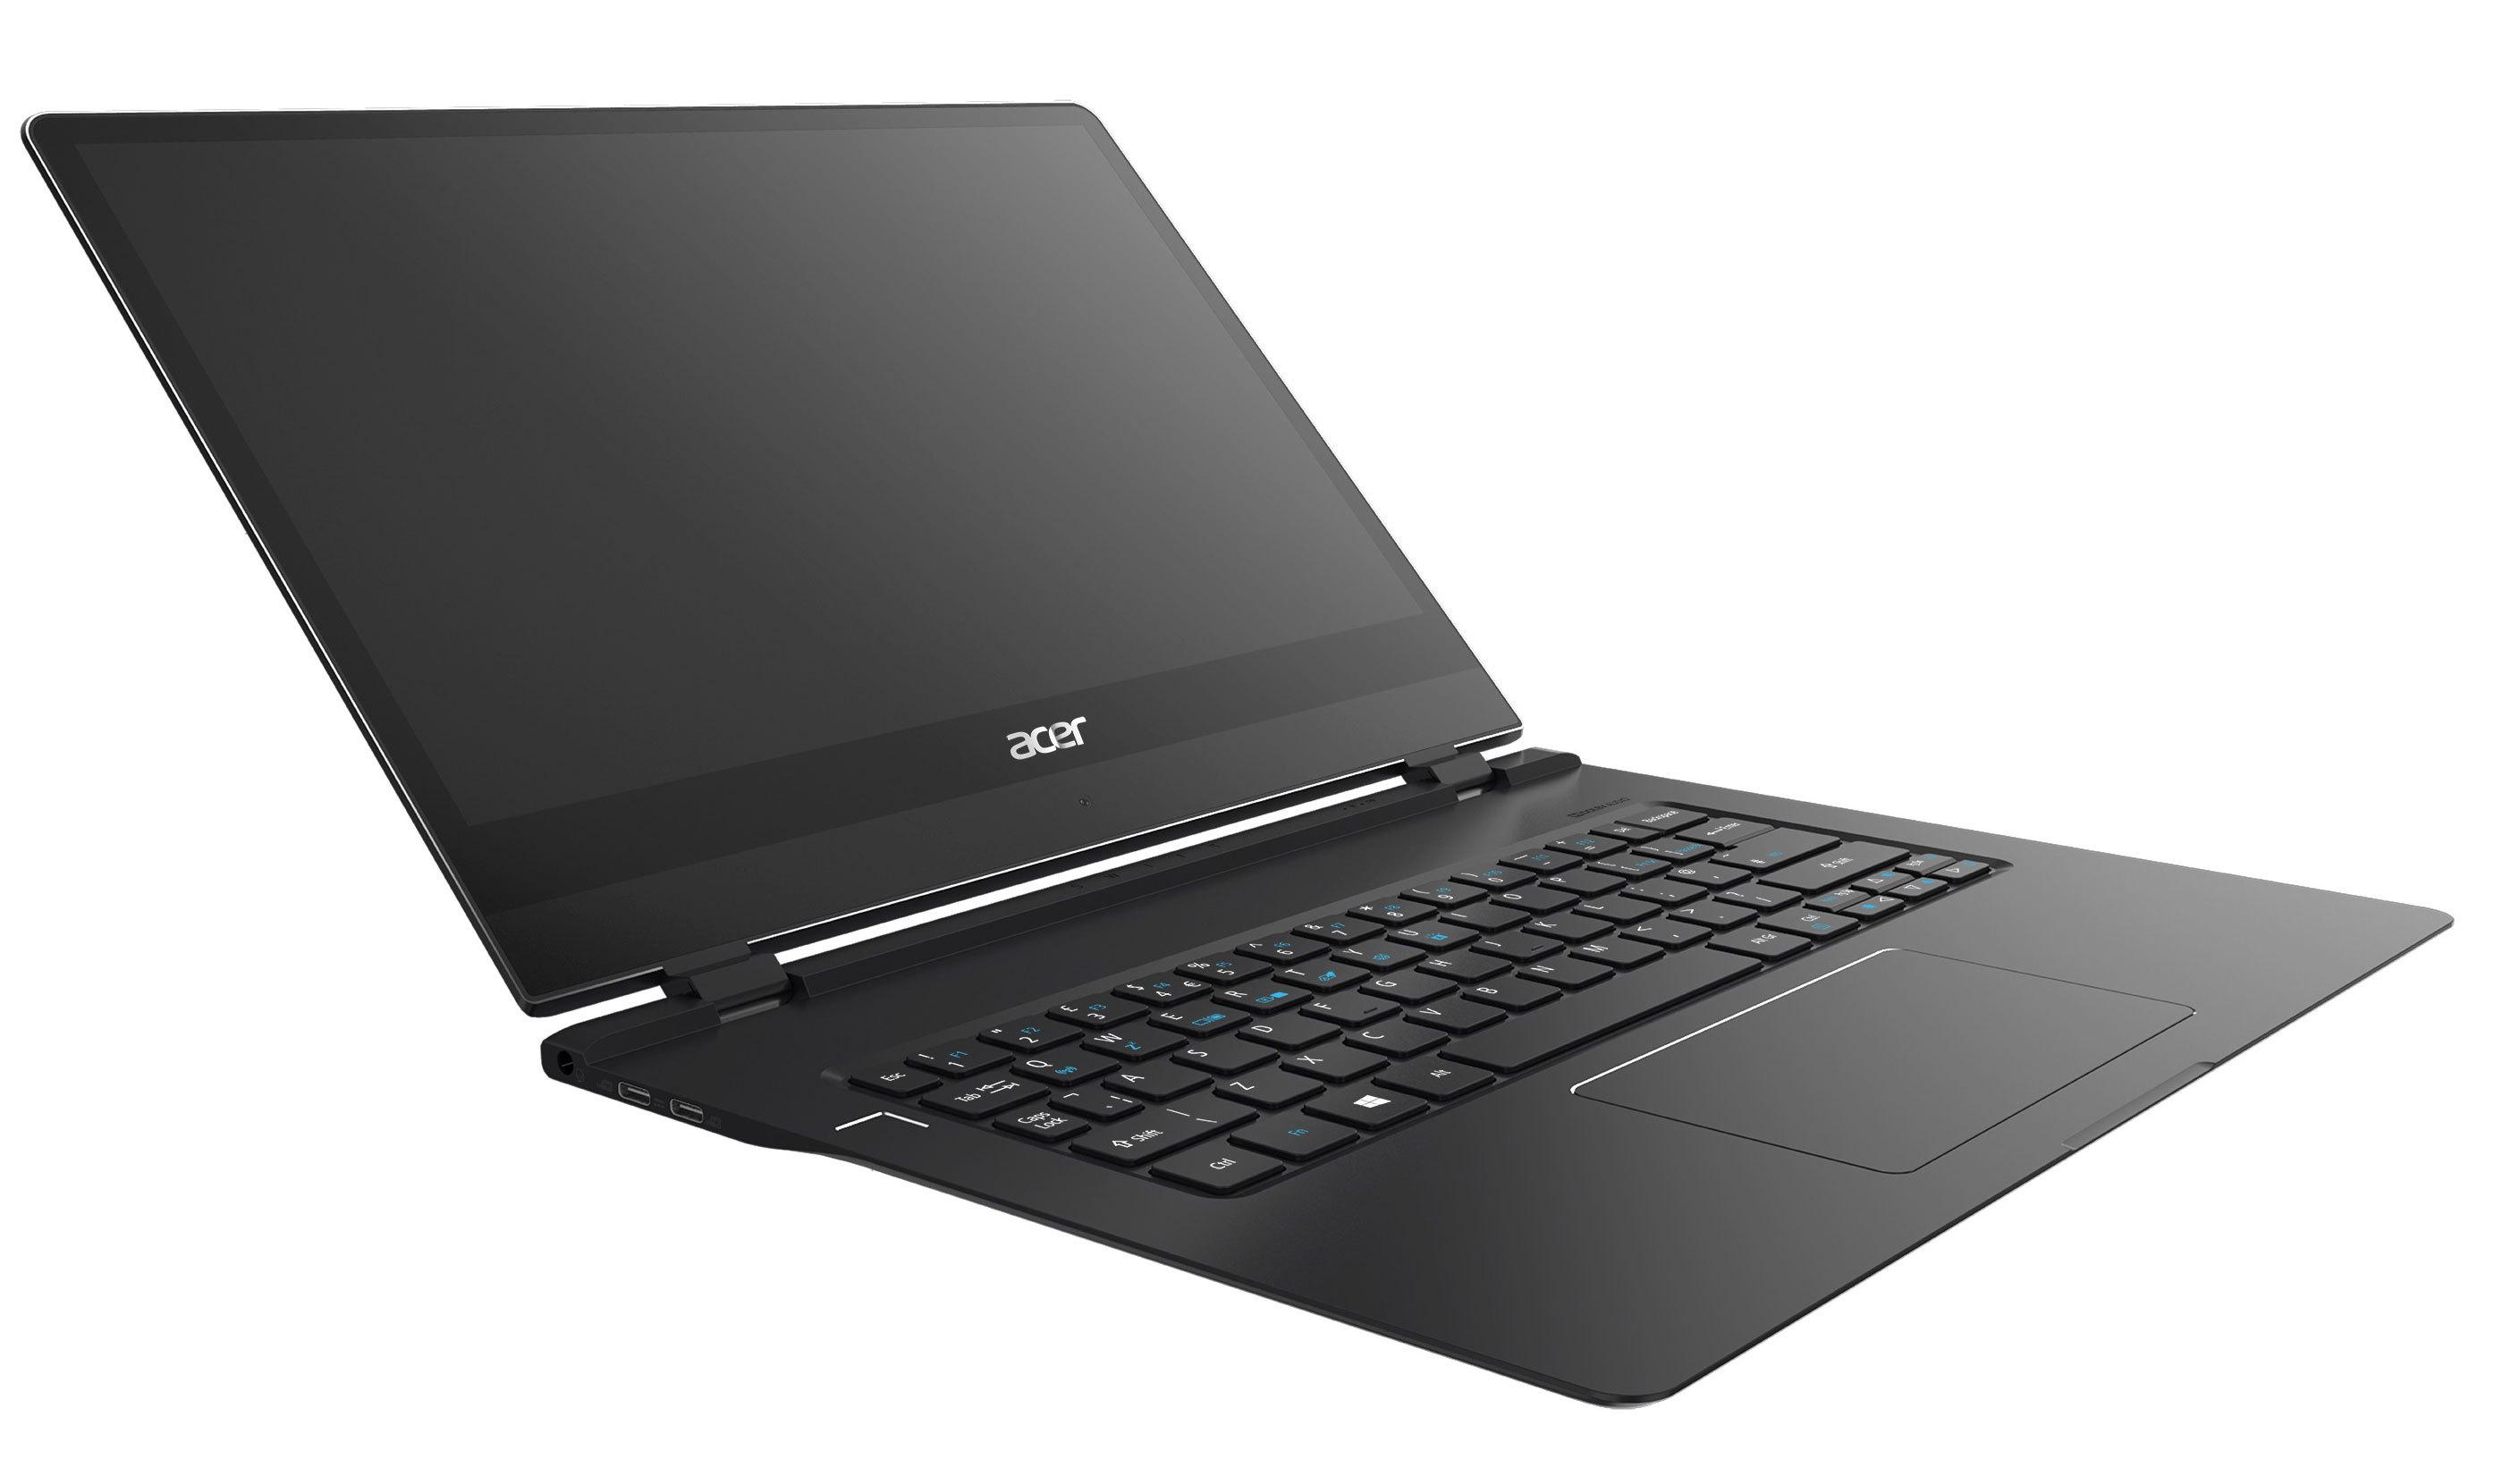 Acer Unveils Always-on 4G LTE Windows 10 Laptop